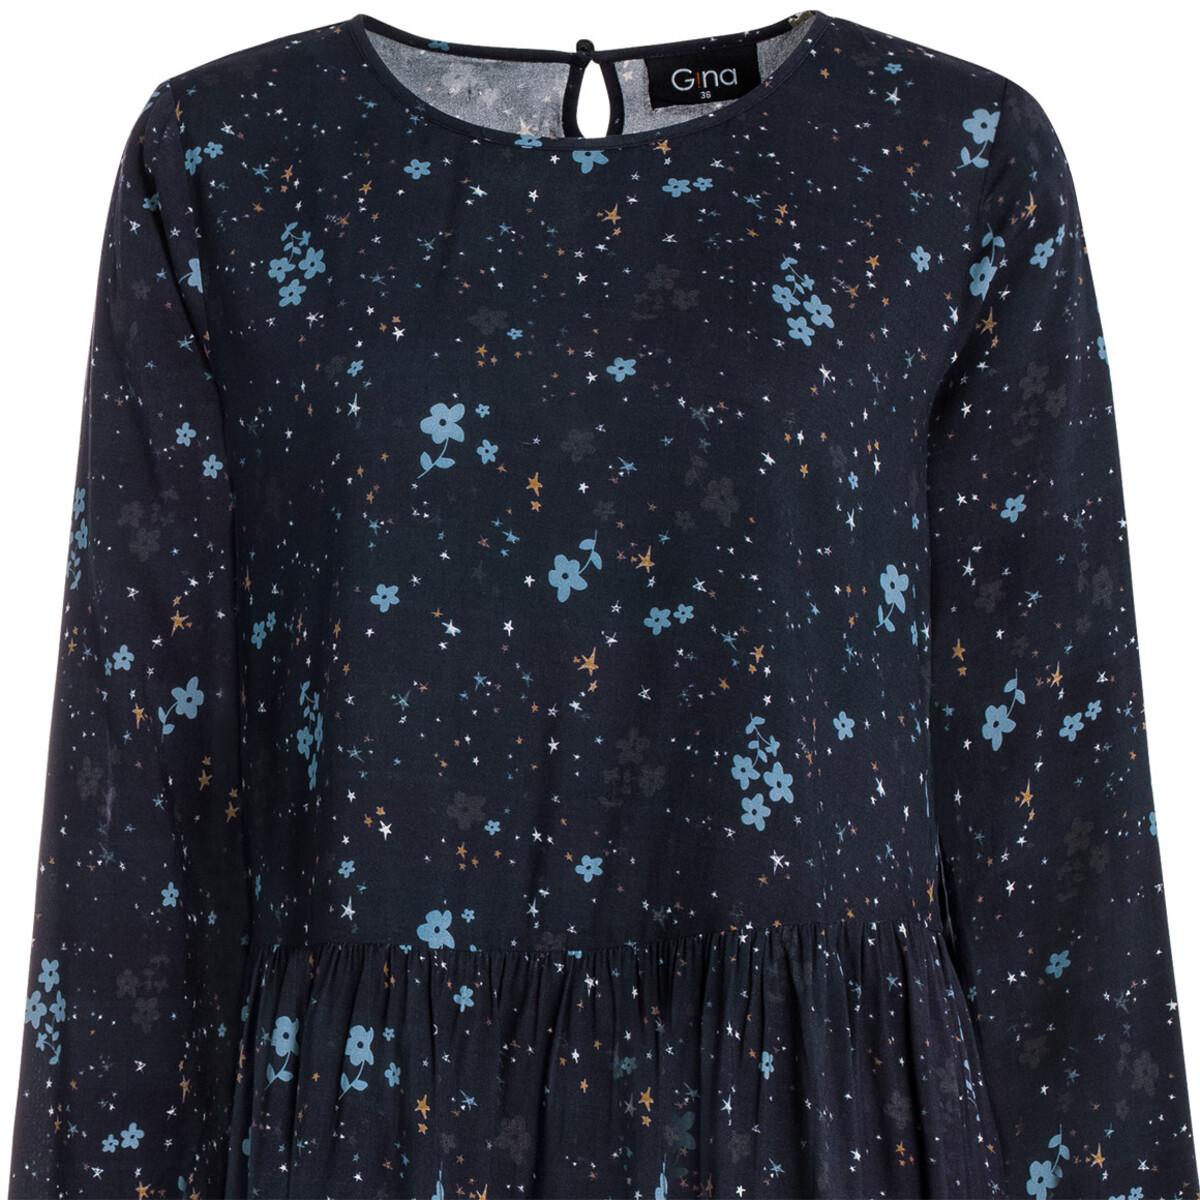 Bild 2 von Damen Kleid mit floralem Allover-Motiv